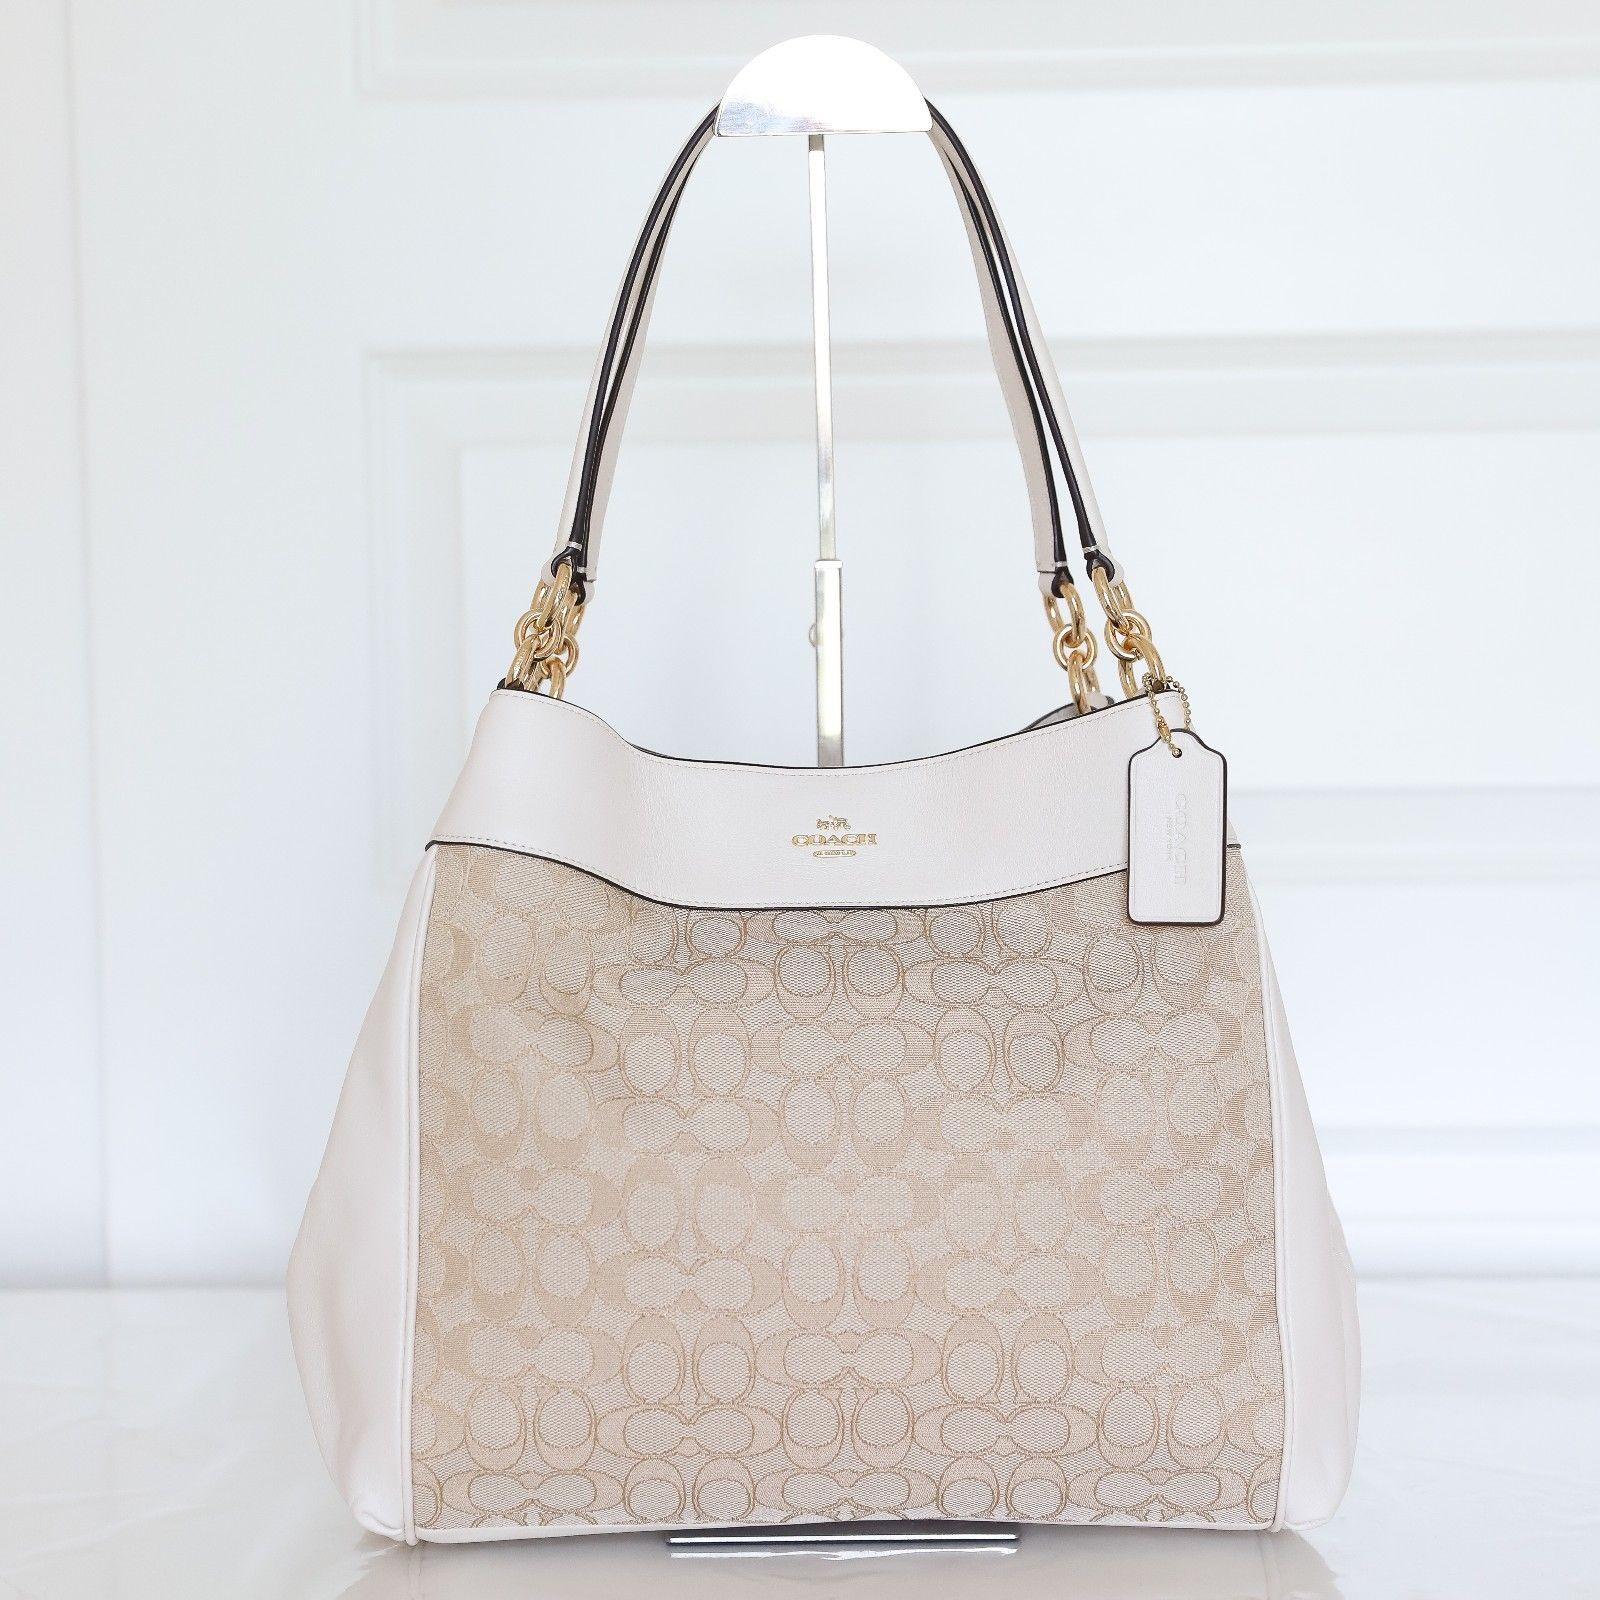 Women Clutch Bag,Retro Pattern Baguette Bag,Shoulder Bag